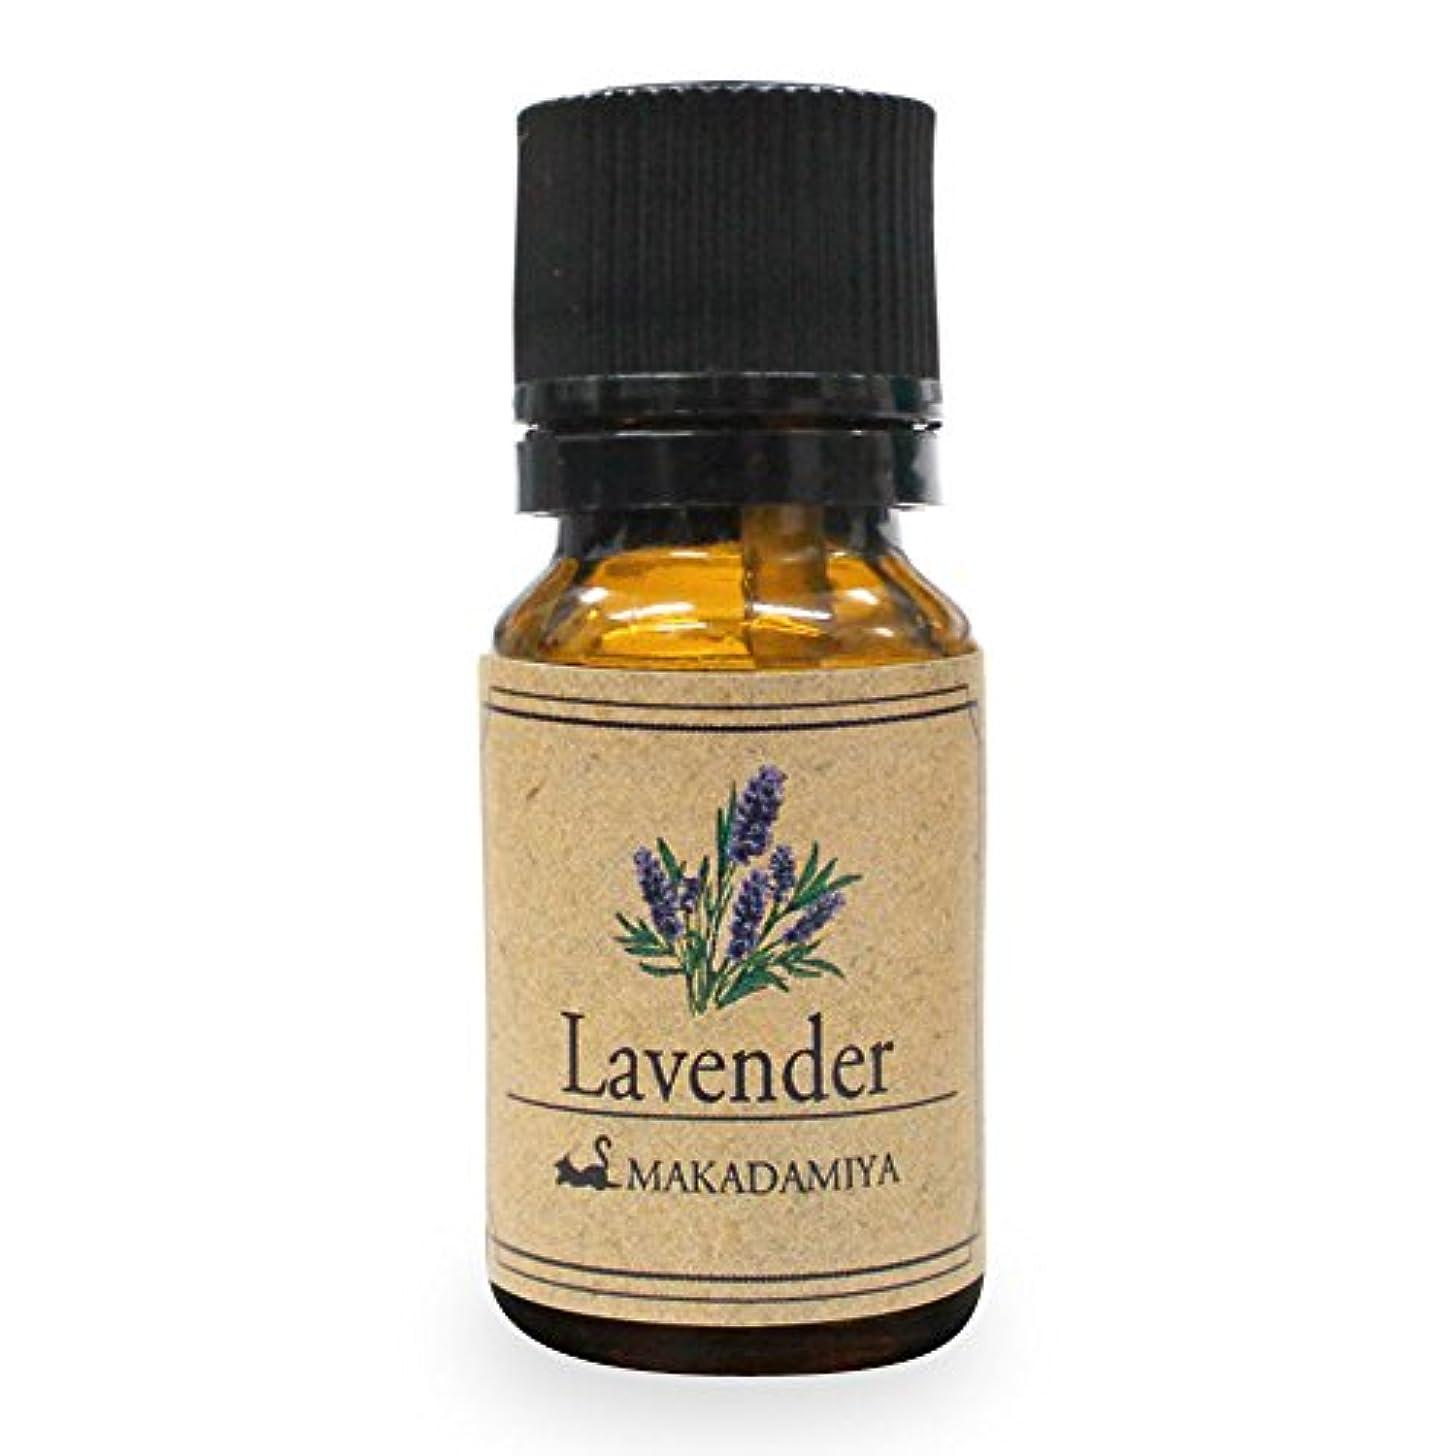 腹蓋皮肉なラベンダー10ml 天然100%植物性 エッセンシャルオイル(精油) アロマオイル アロママッサージ aroma Lavender